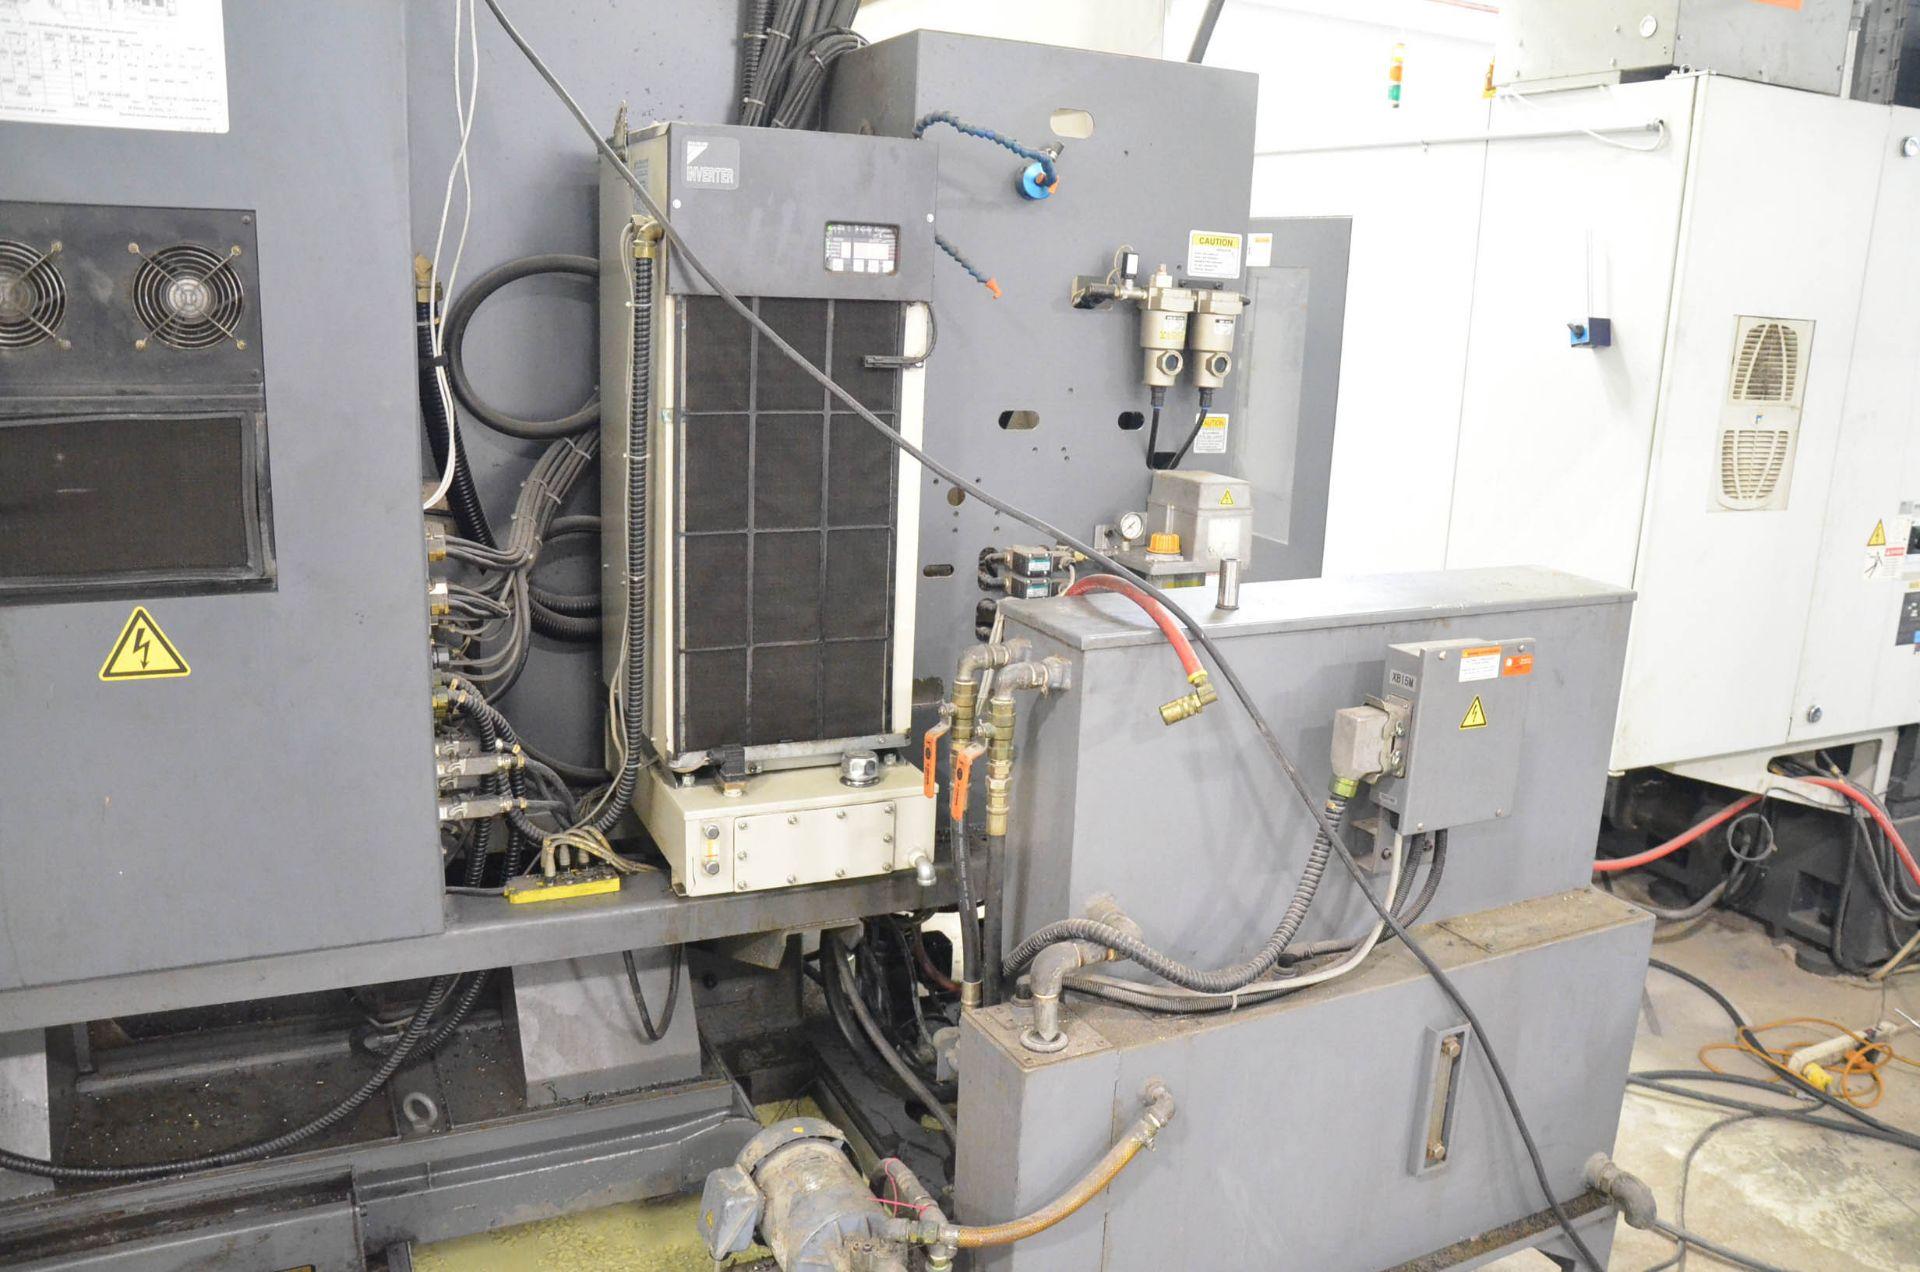 OKUMA (2007) ACE CENTER MB-56VB CNC VERTICAL MACHINING CENTER WITH OKUMA OSP-P200M CNC CONTROL, - Image 9 of 11